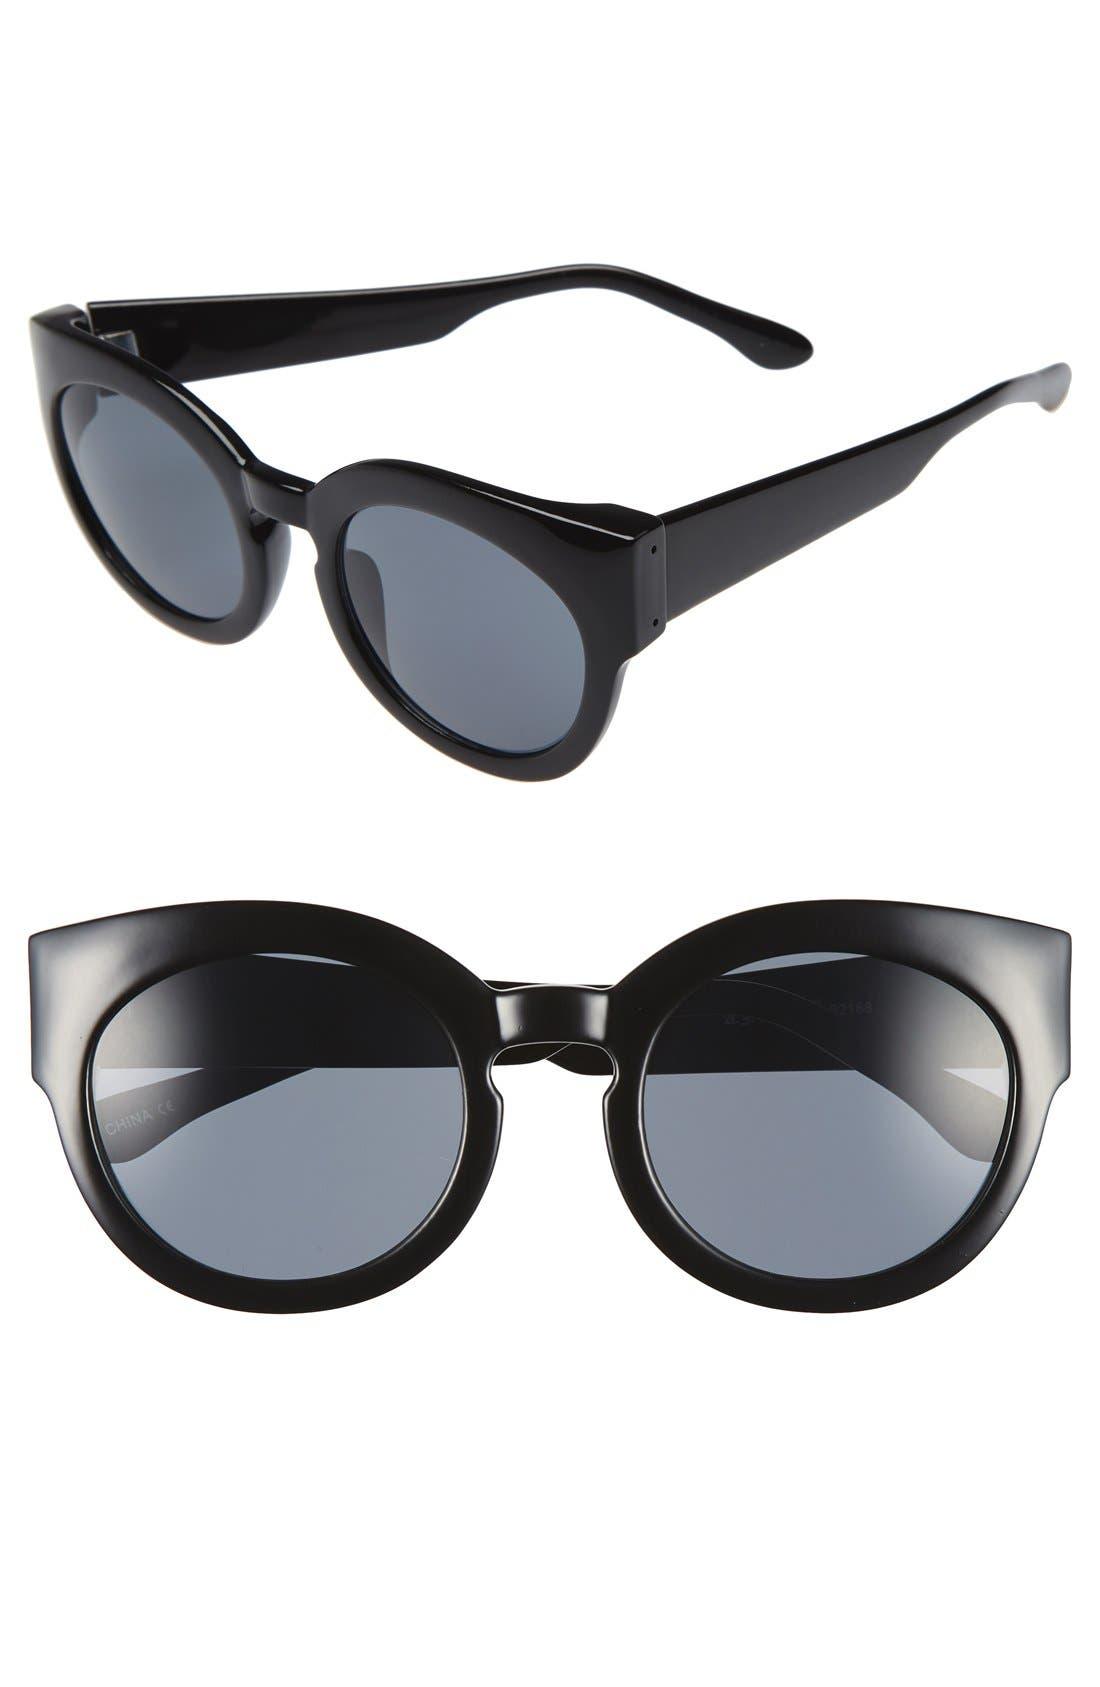 A.J. MORGAN 'Sophia' 52mm Sunglasses, Main, color, 001